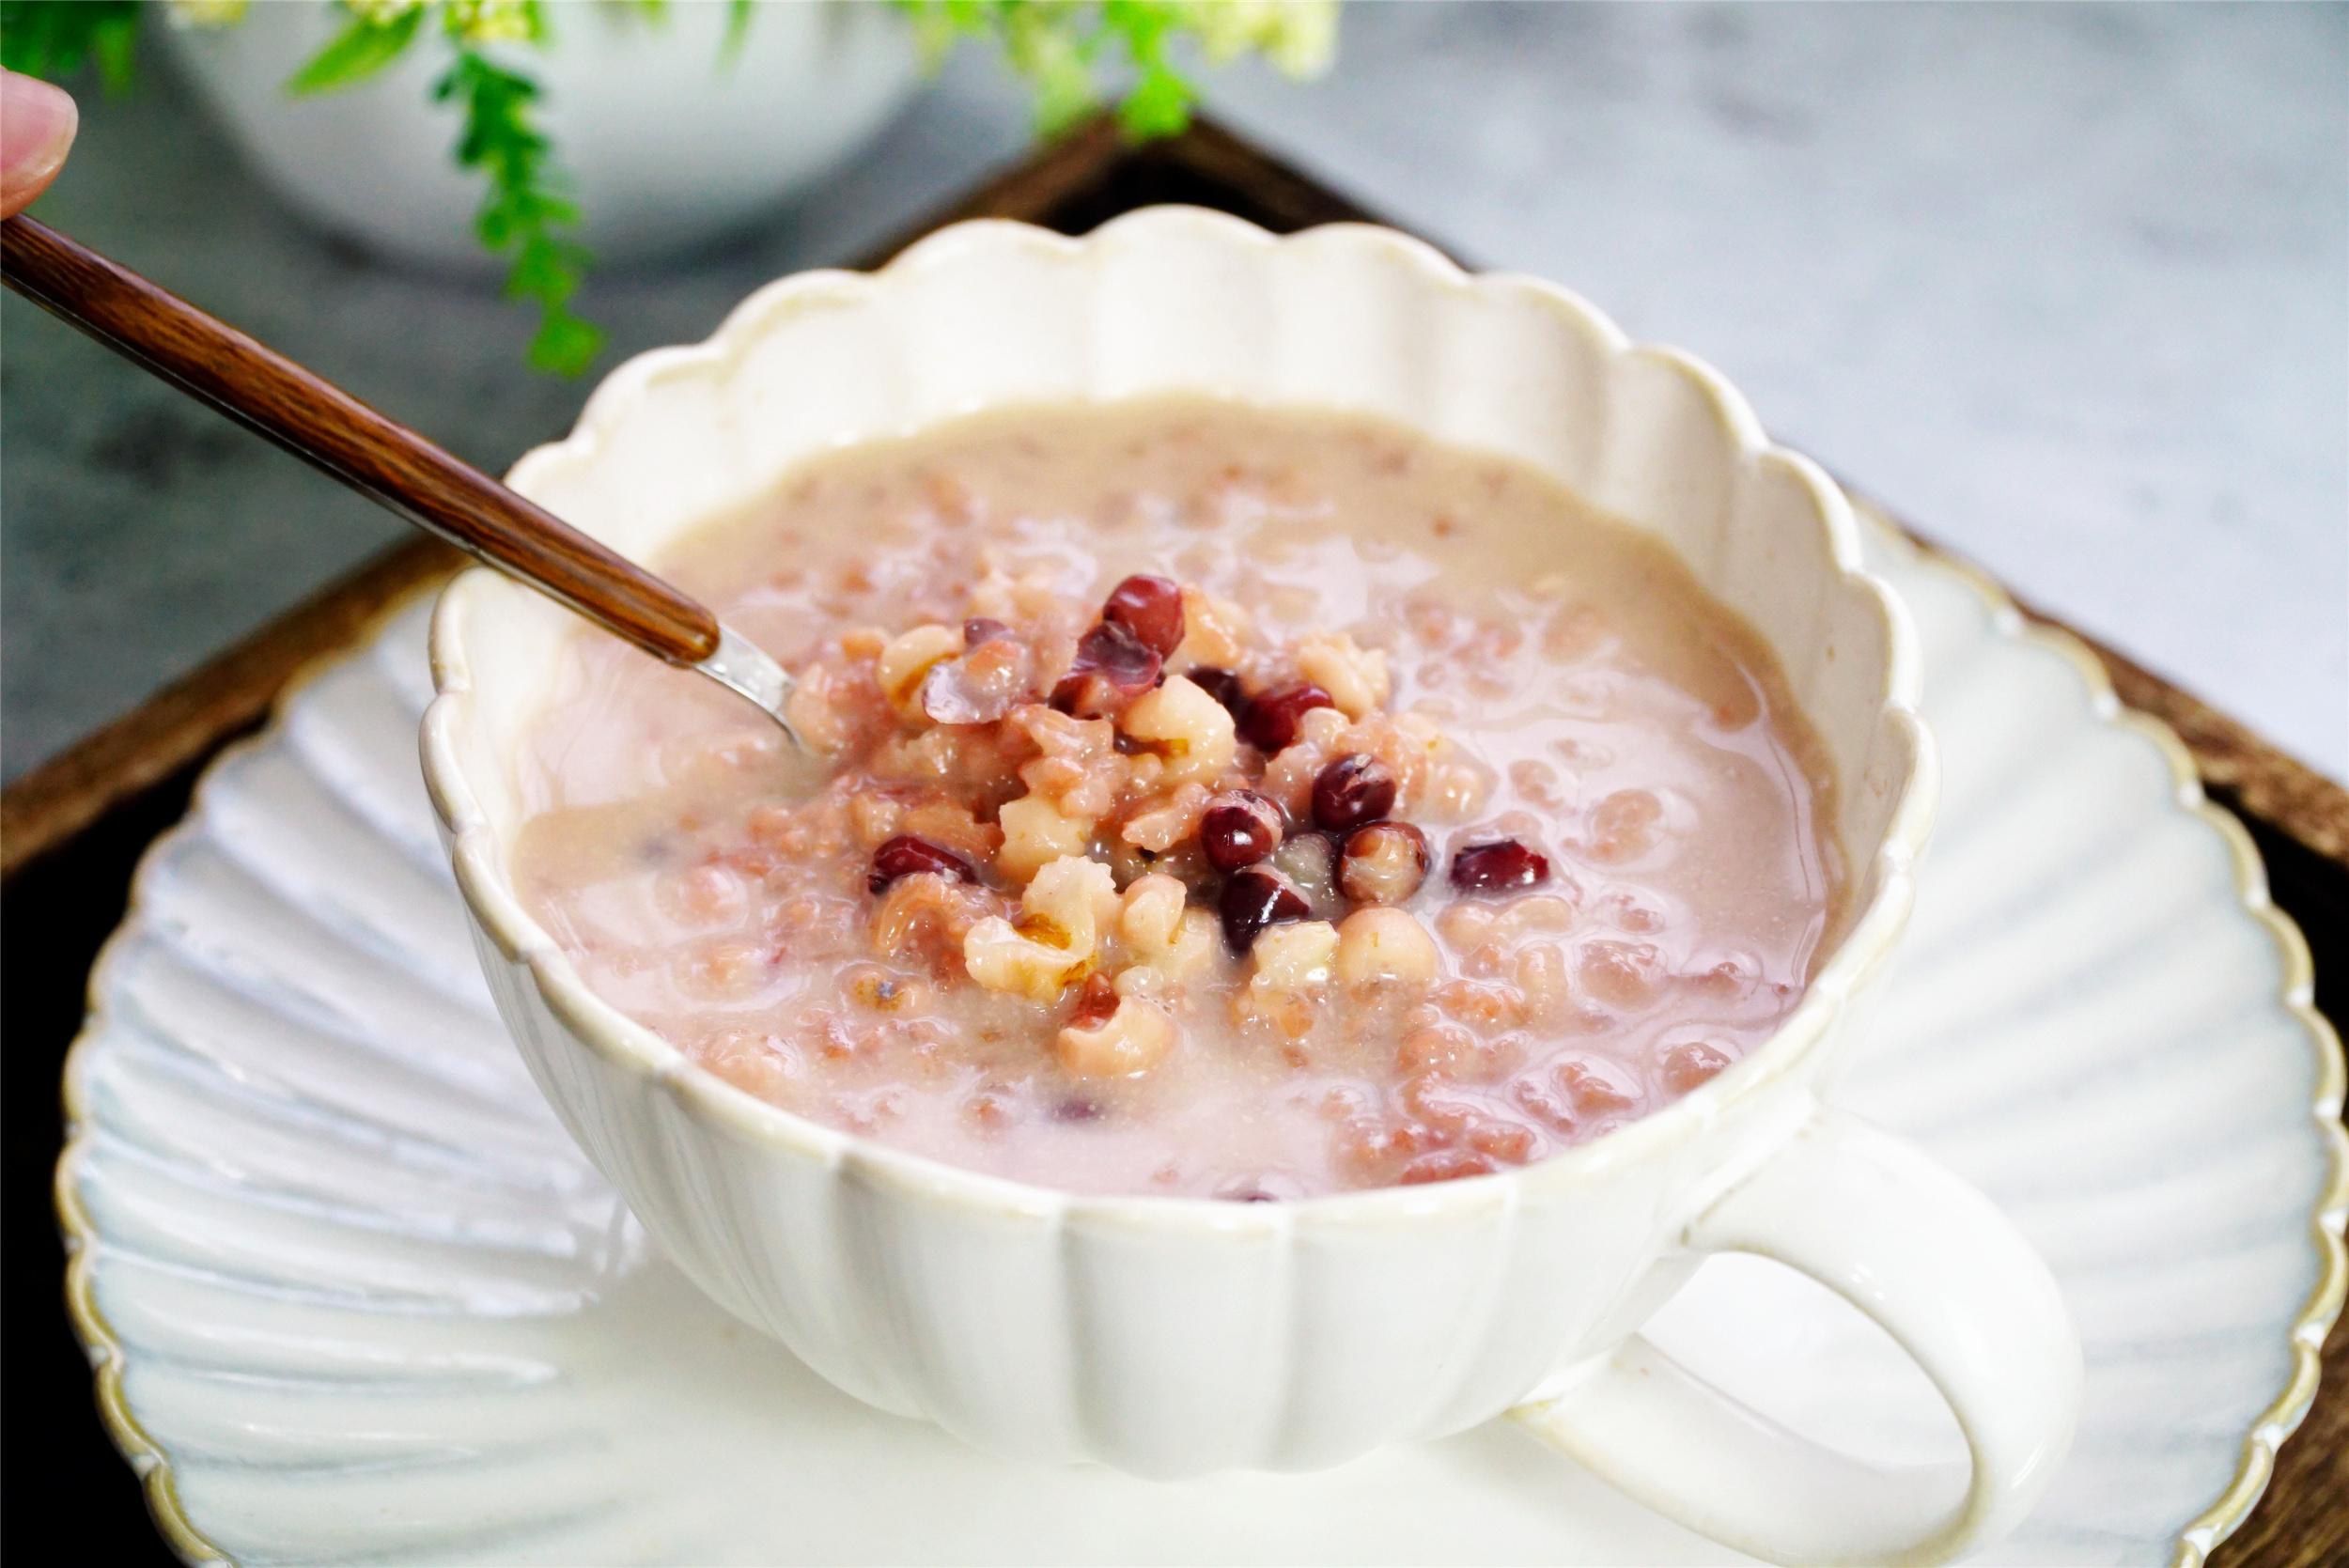 推荐10款适合时节的粥,秋天喝滋润又营养,入秋后懂吃更健康